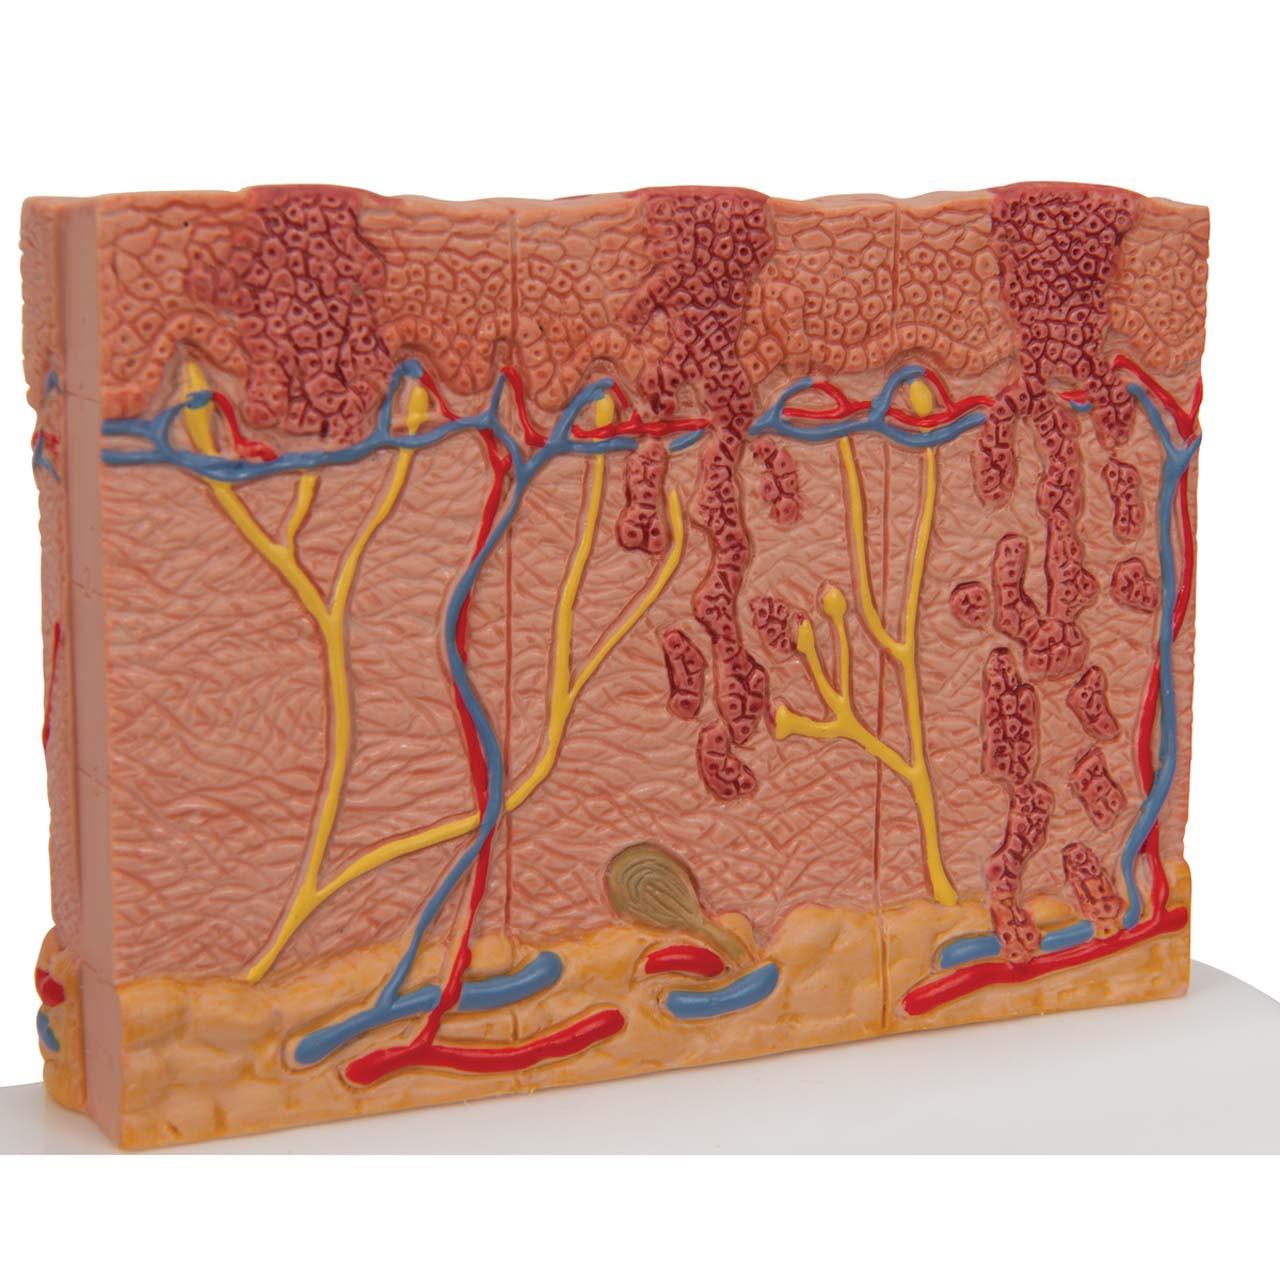 Skin Cancer Model